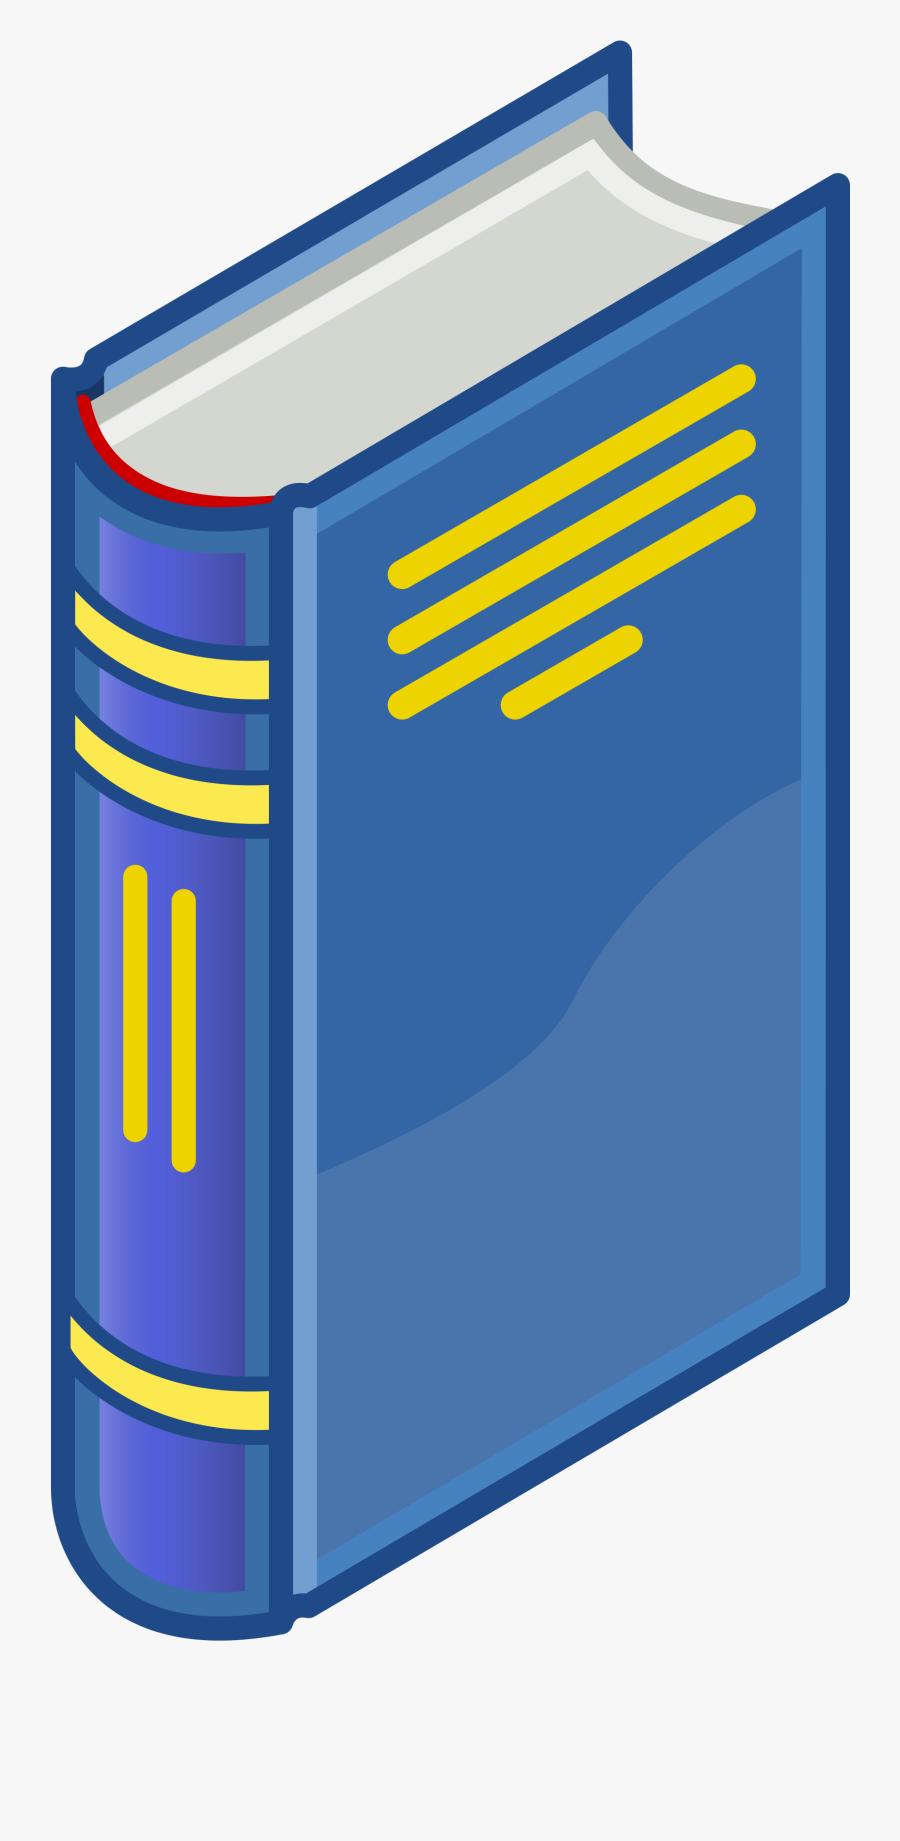 Closed Book Simple Icon - Красная Книга Пнг, Transparent Clipart